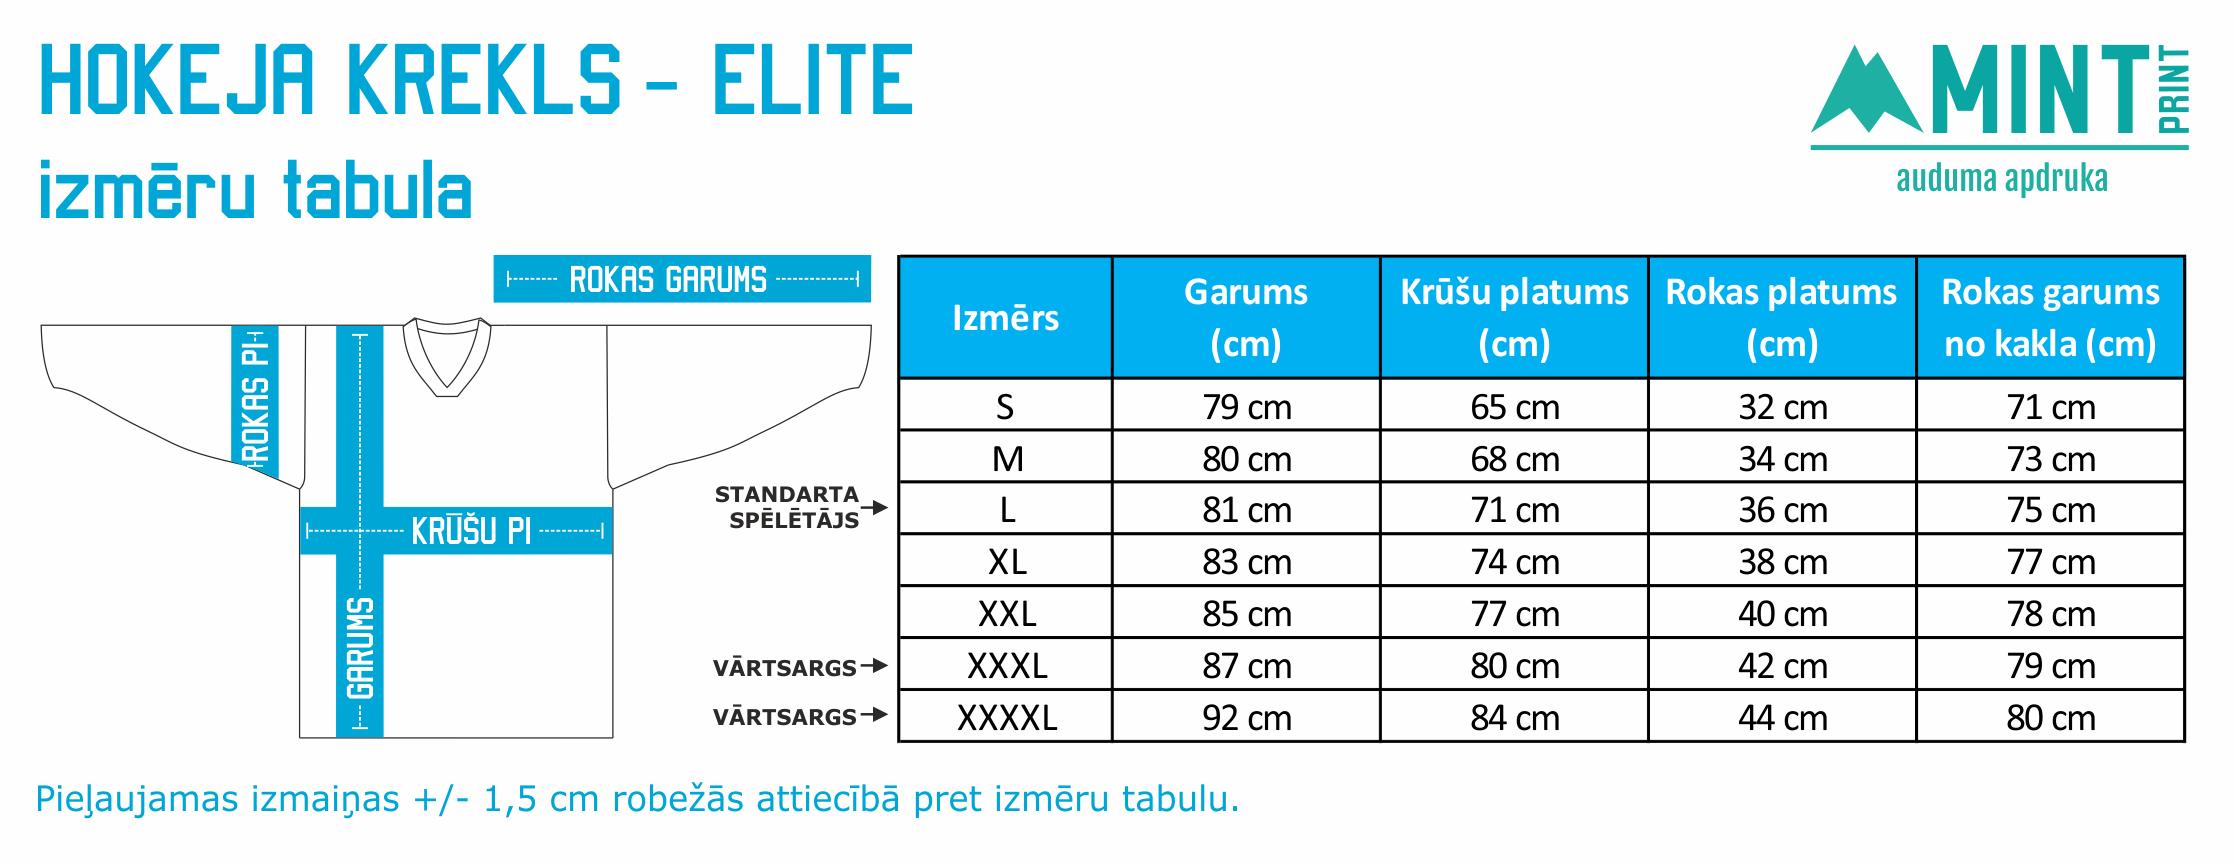 MINTprint hokeja krekla izmeru tabula elite spelu krekls 15